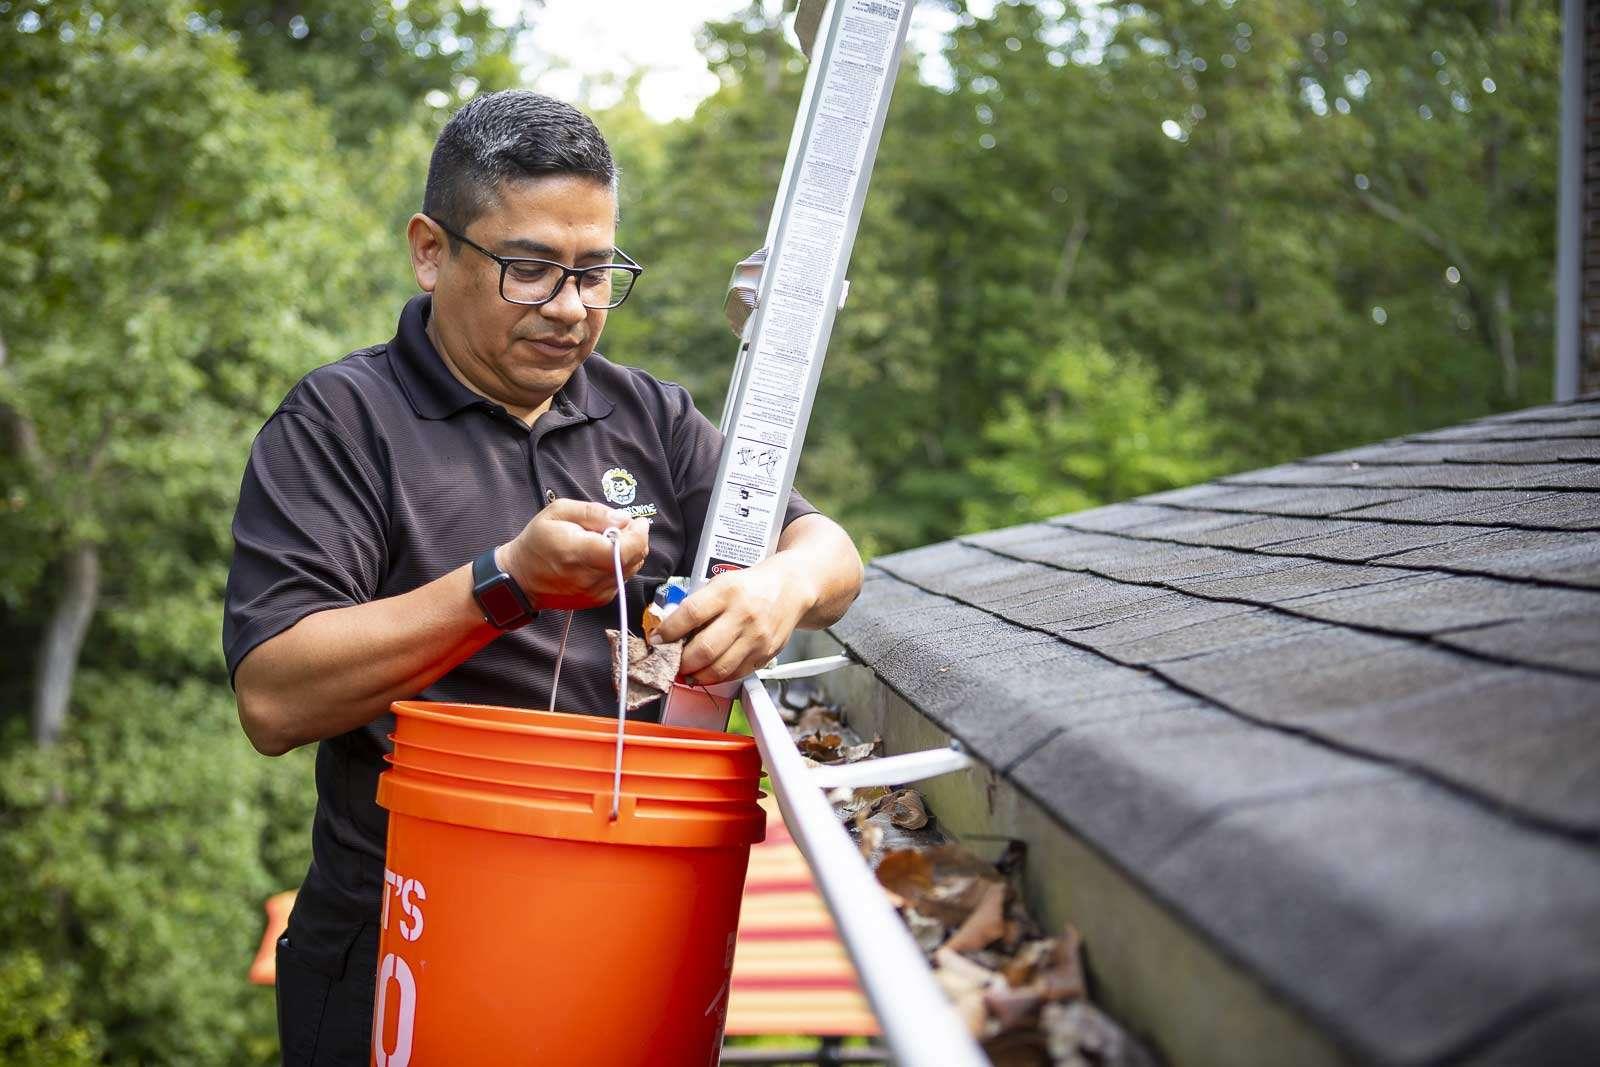 Gutter cleaning technician in Alexandria, VA